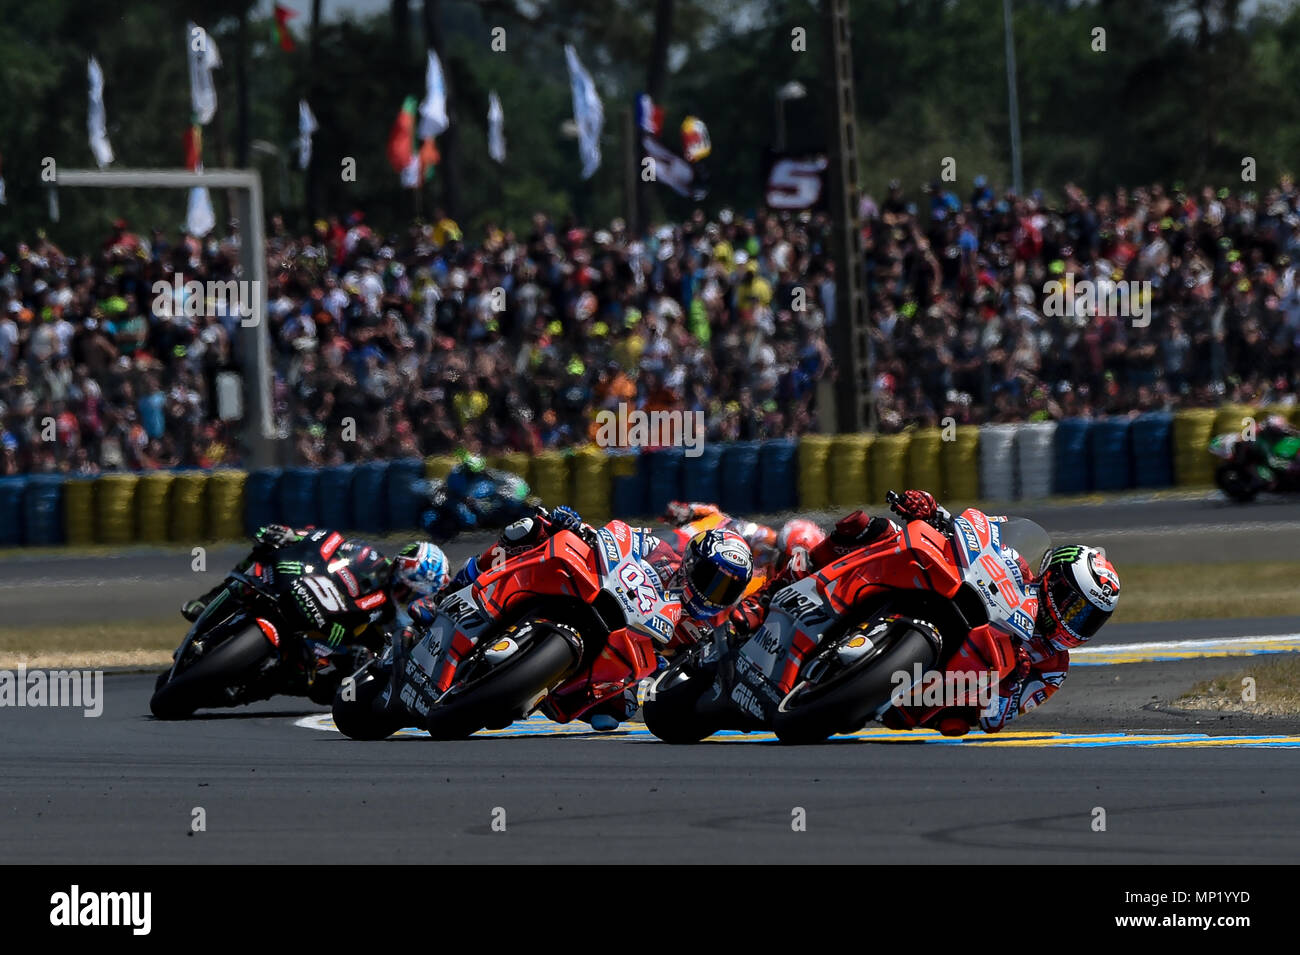 Le Mans Bugatti Grand Prix Race Circuit Stock Photos Le Mans